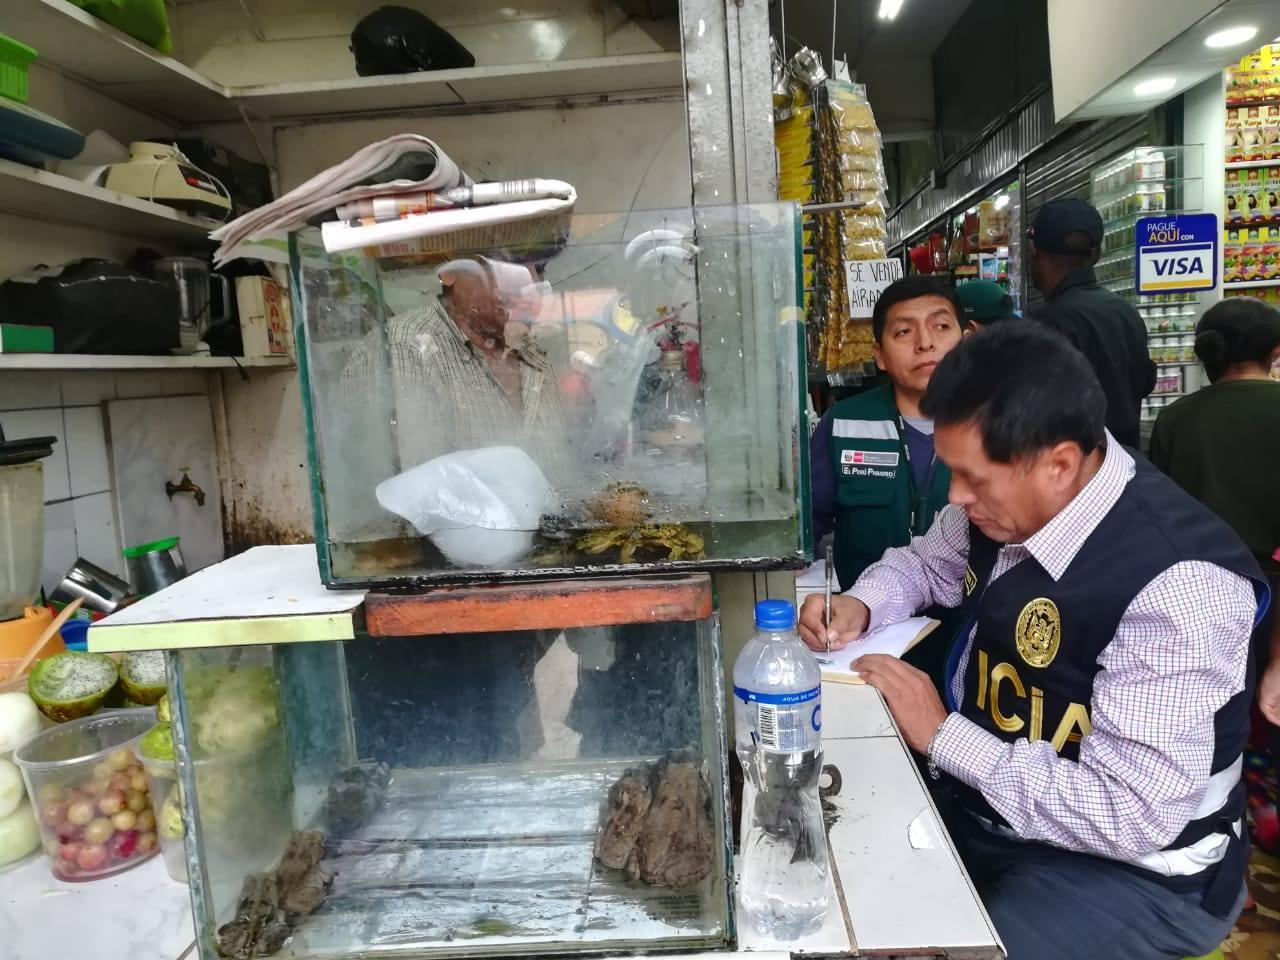 La Policía realizó un trabajo de inteligencia para capturar a los comerciantes de las piezas de animales provenientes del tráfico de especies. Foto: Dirección del Medio Ambiente de la Policía Nacional.